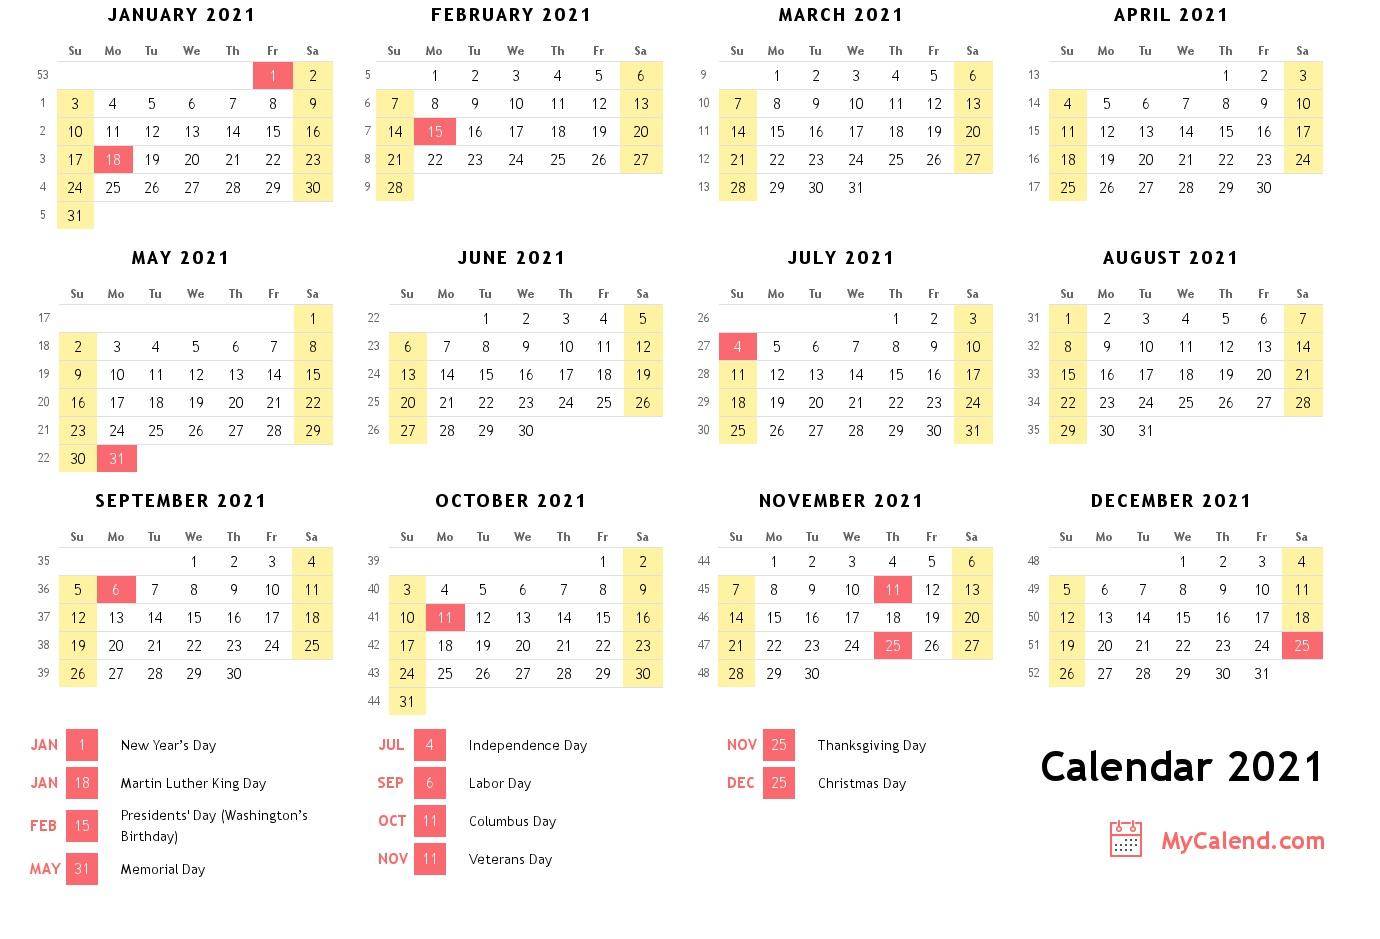 2021 Calendar With Holidays - Free Printable Calendar Inside 12 Mo Calendar 2021